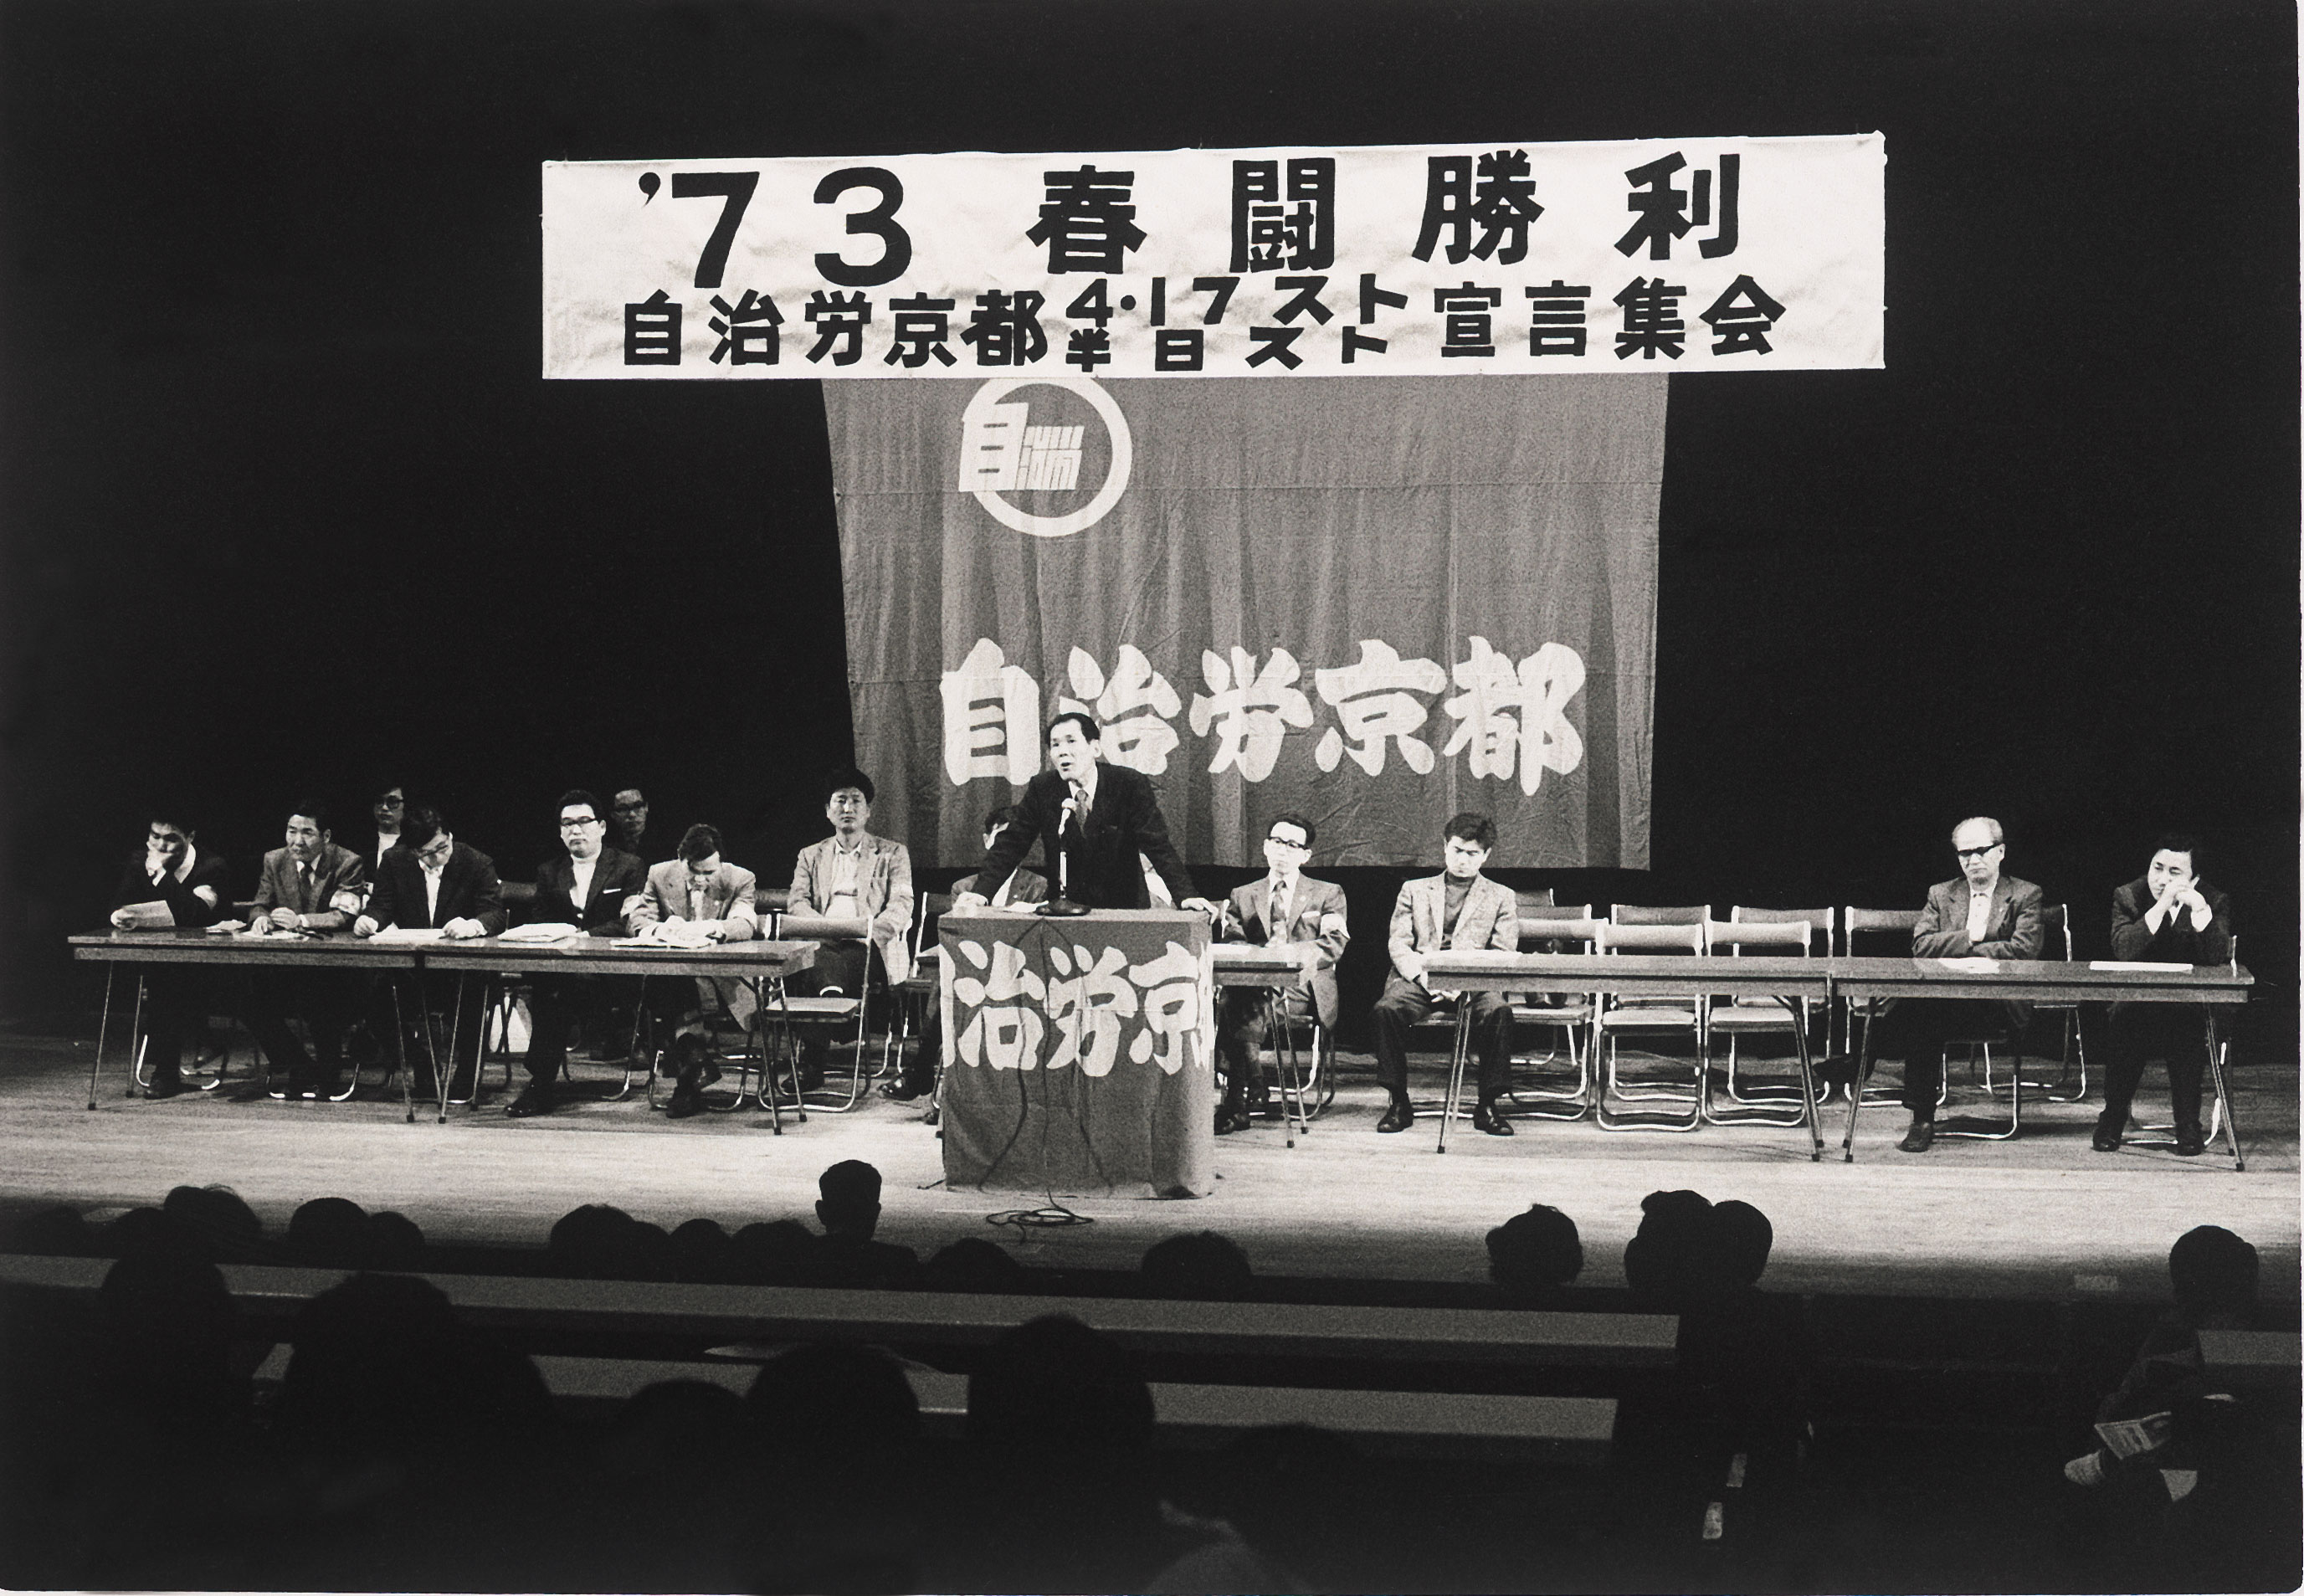 73春闘勝利自治労京都4.17スト・半日スト宣言集会